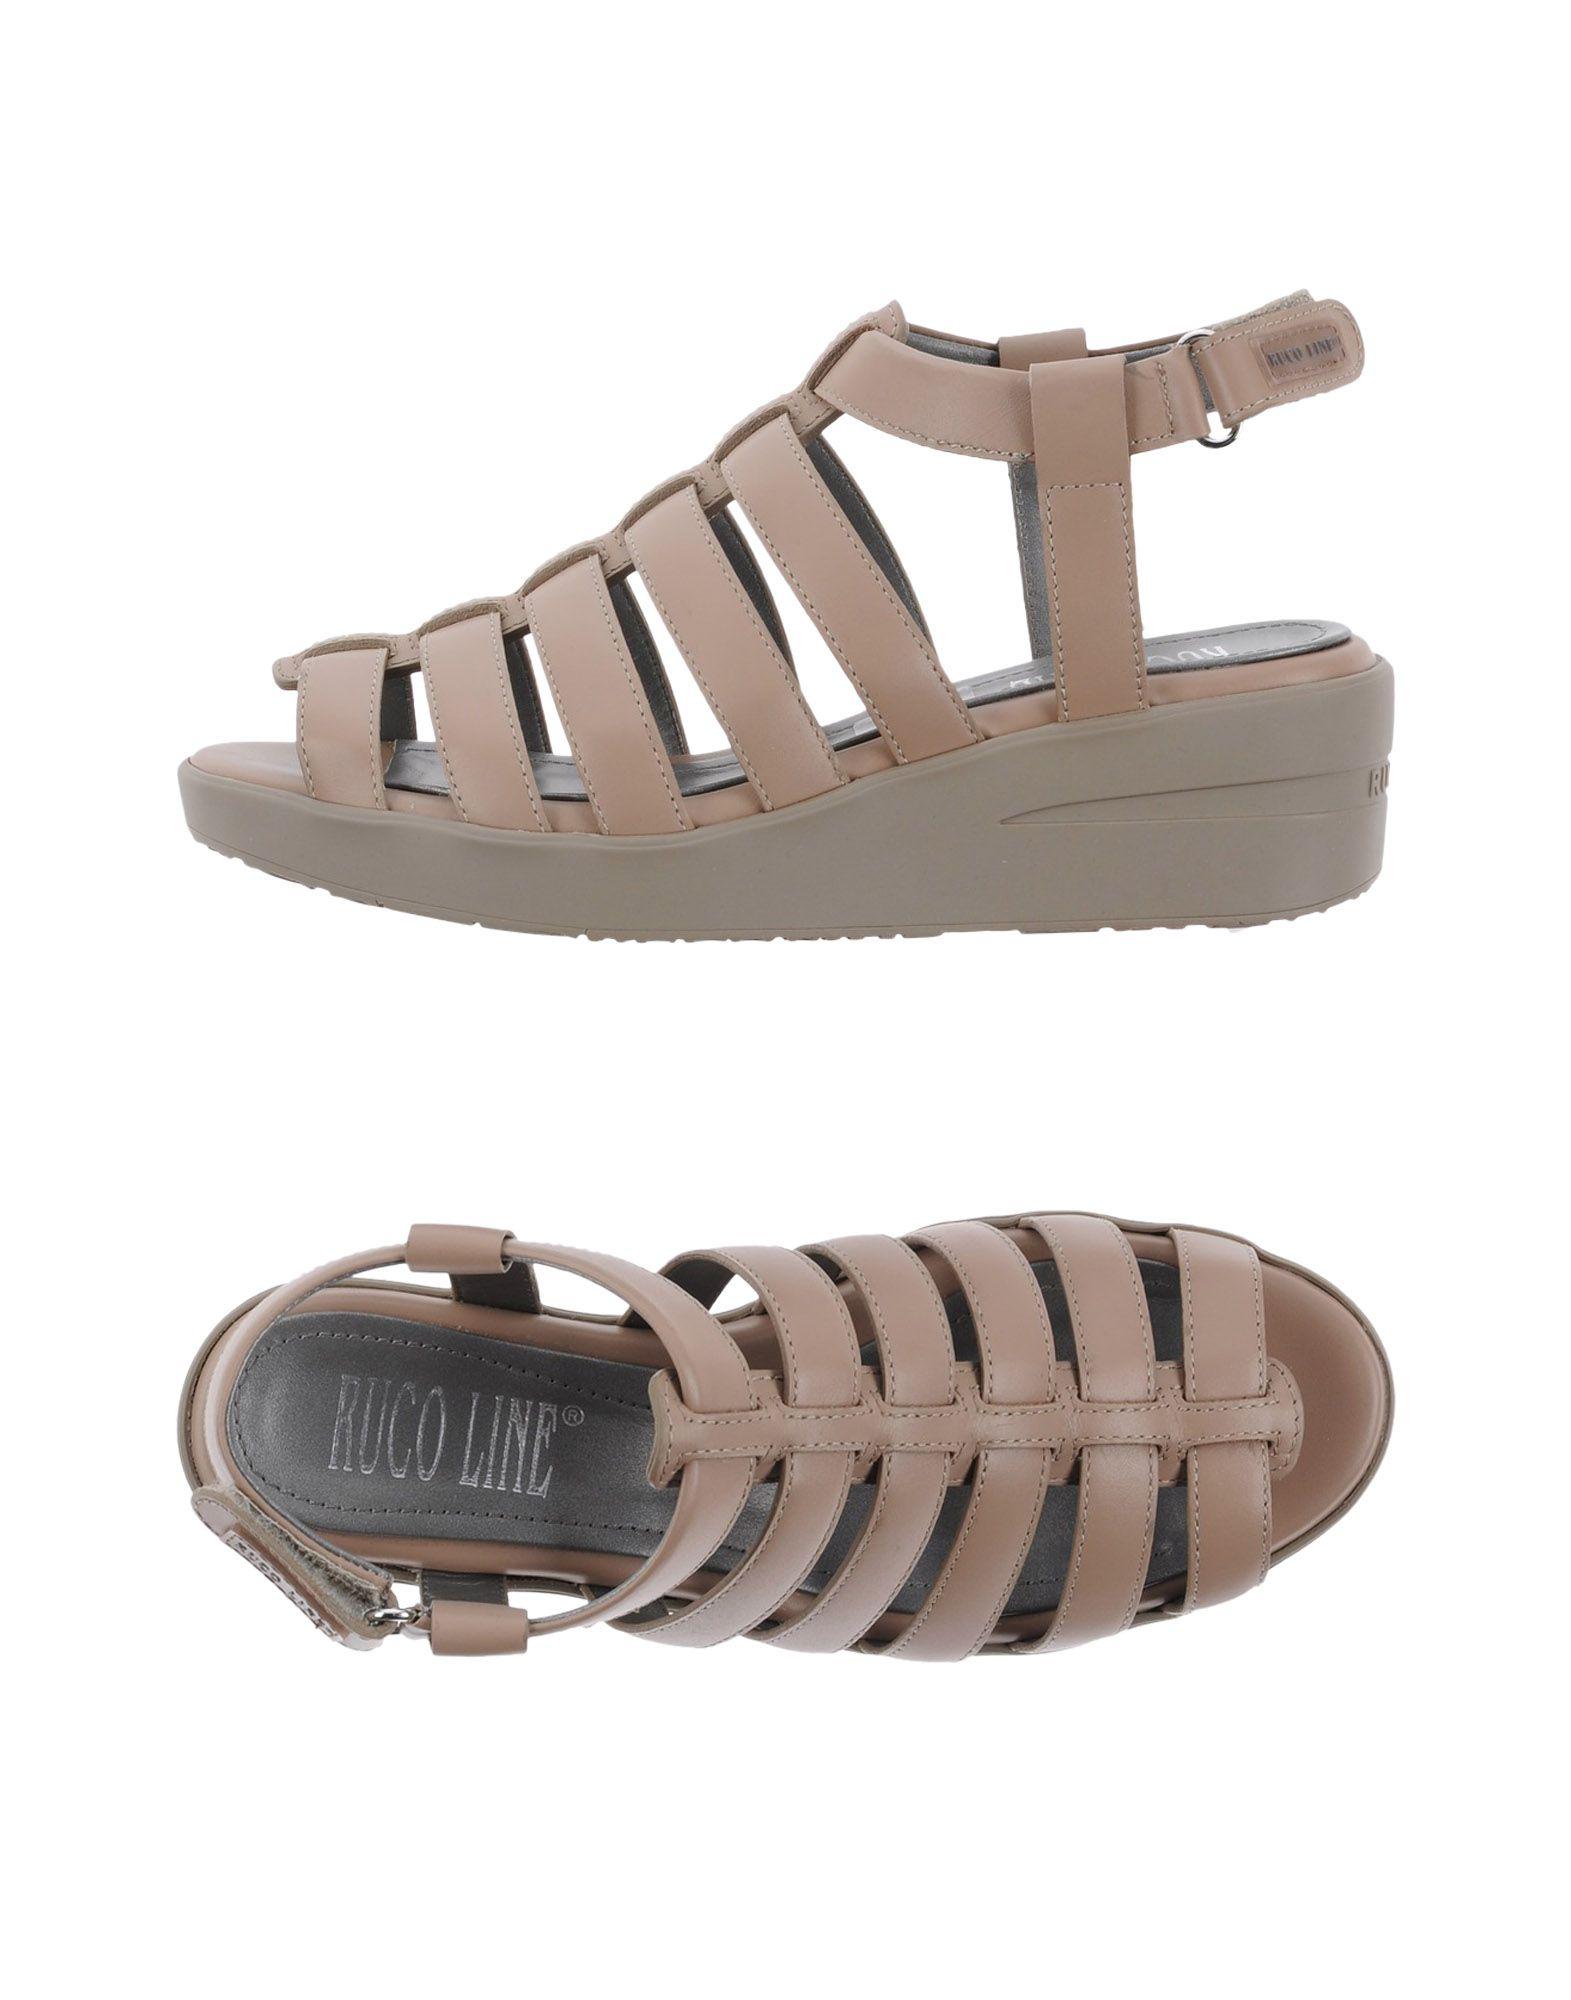 Ruco Line Sandalen Damen  11334918QH Gute Qualität beliebte Schuhe